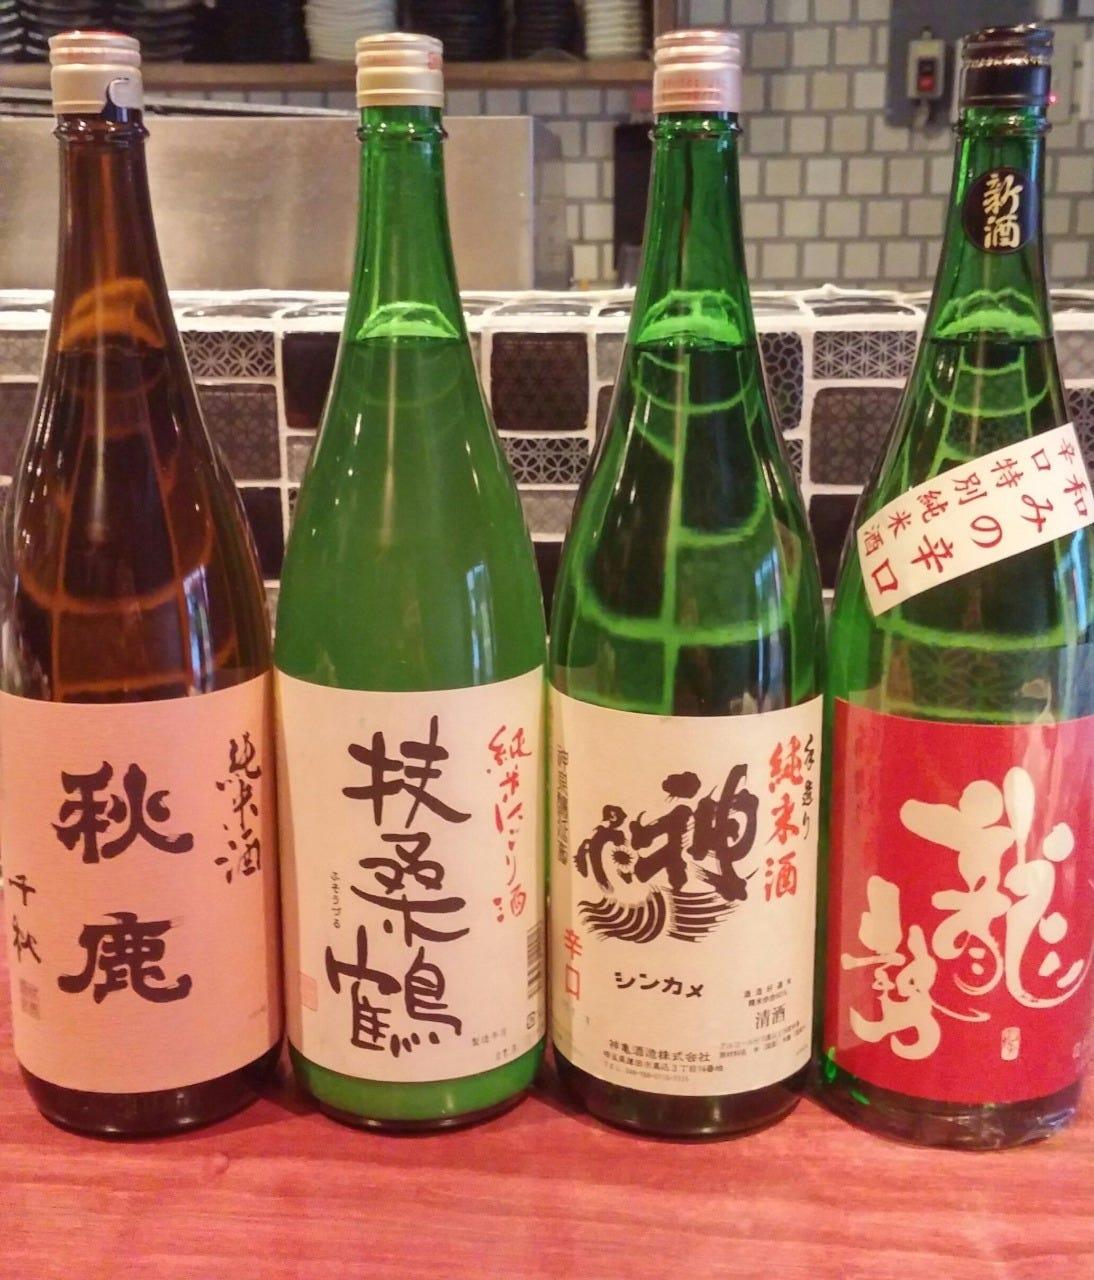 ◇ 厳選の日本酒揃えてます ◇